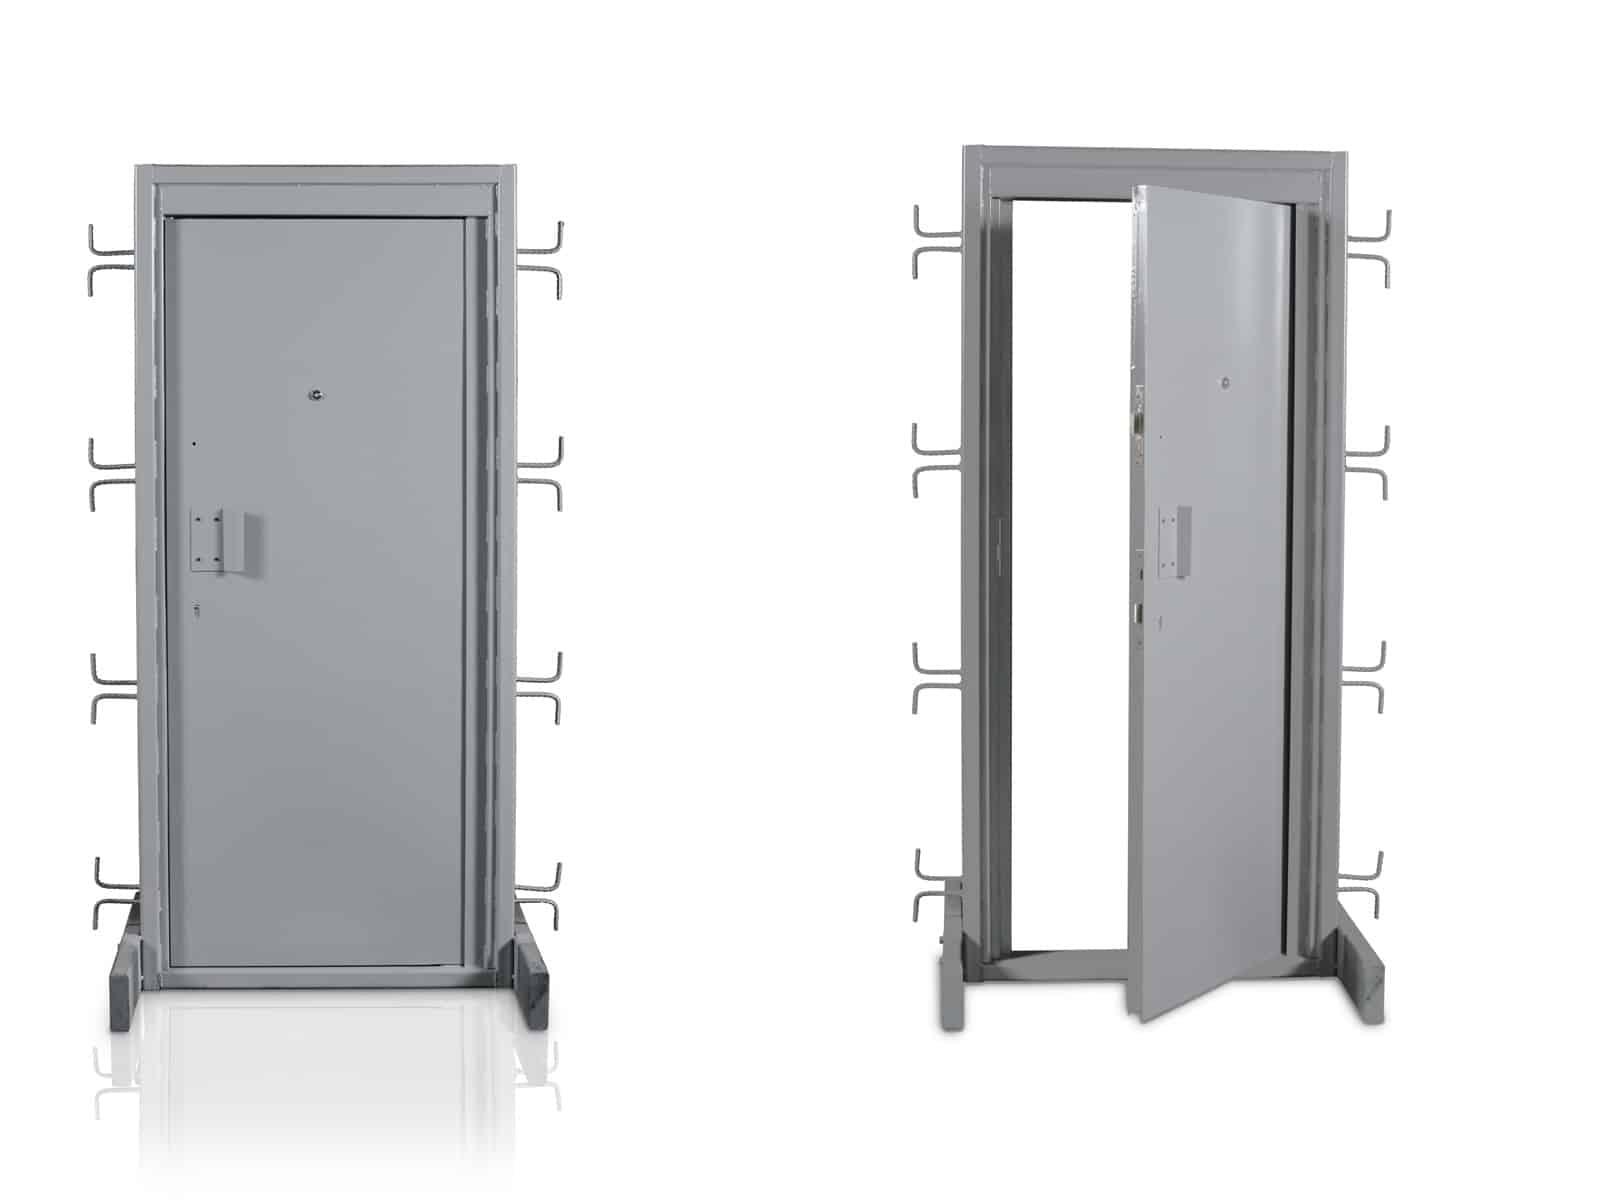 Necesitas puertas de seguridad descubre los materiales Puertas de seguridad